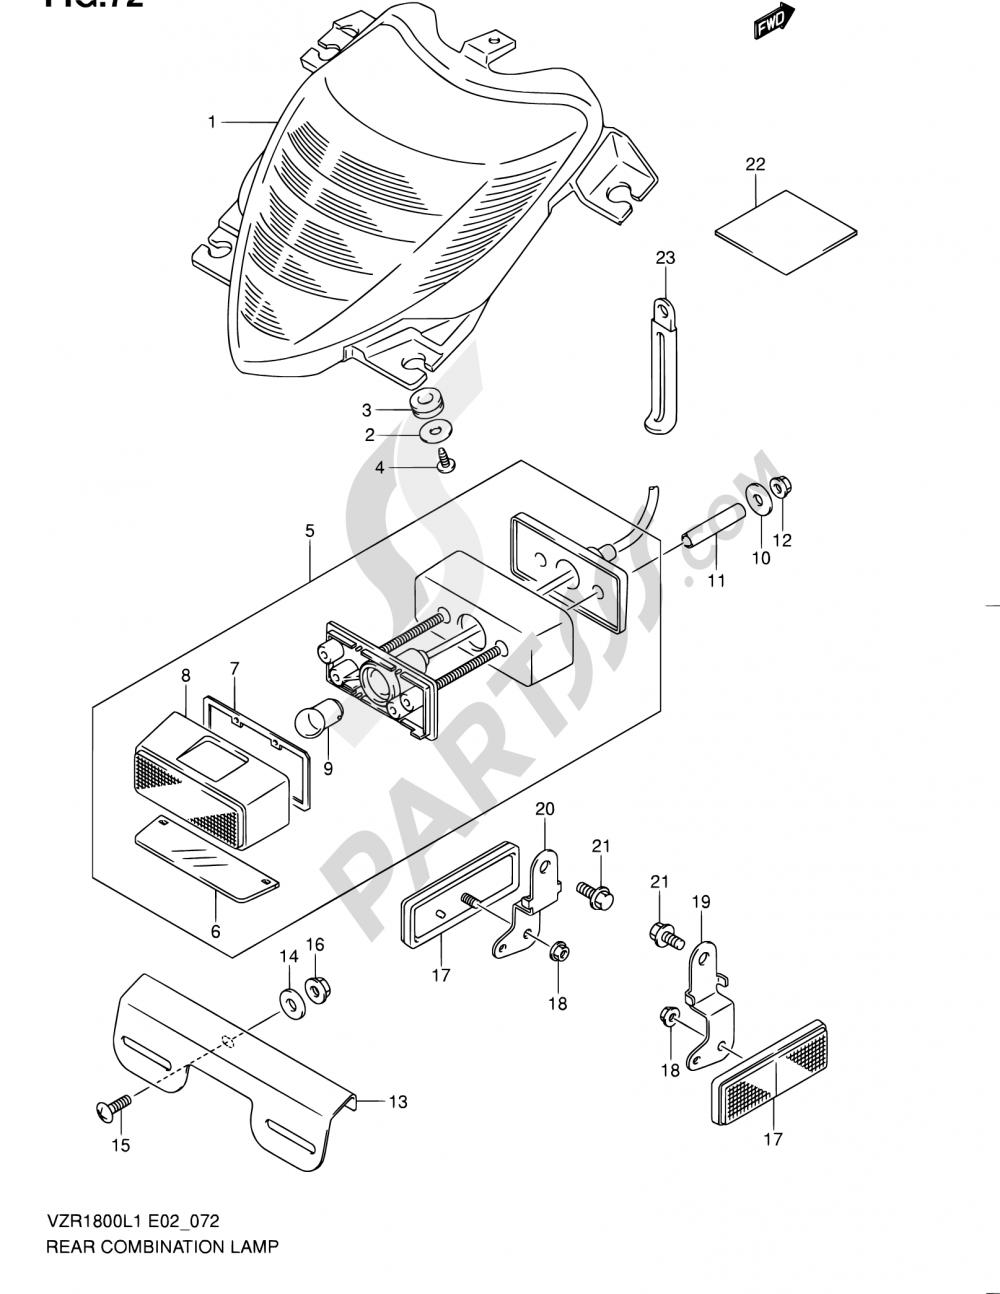 72 - REAR COMBINATION LAMP (VZR1800ZL1 E24) Suzuki VZR1800 2011